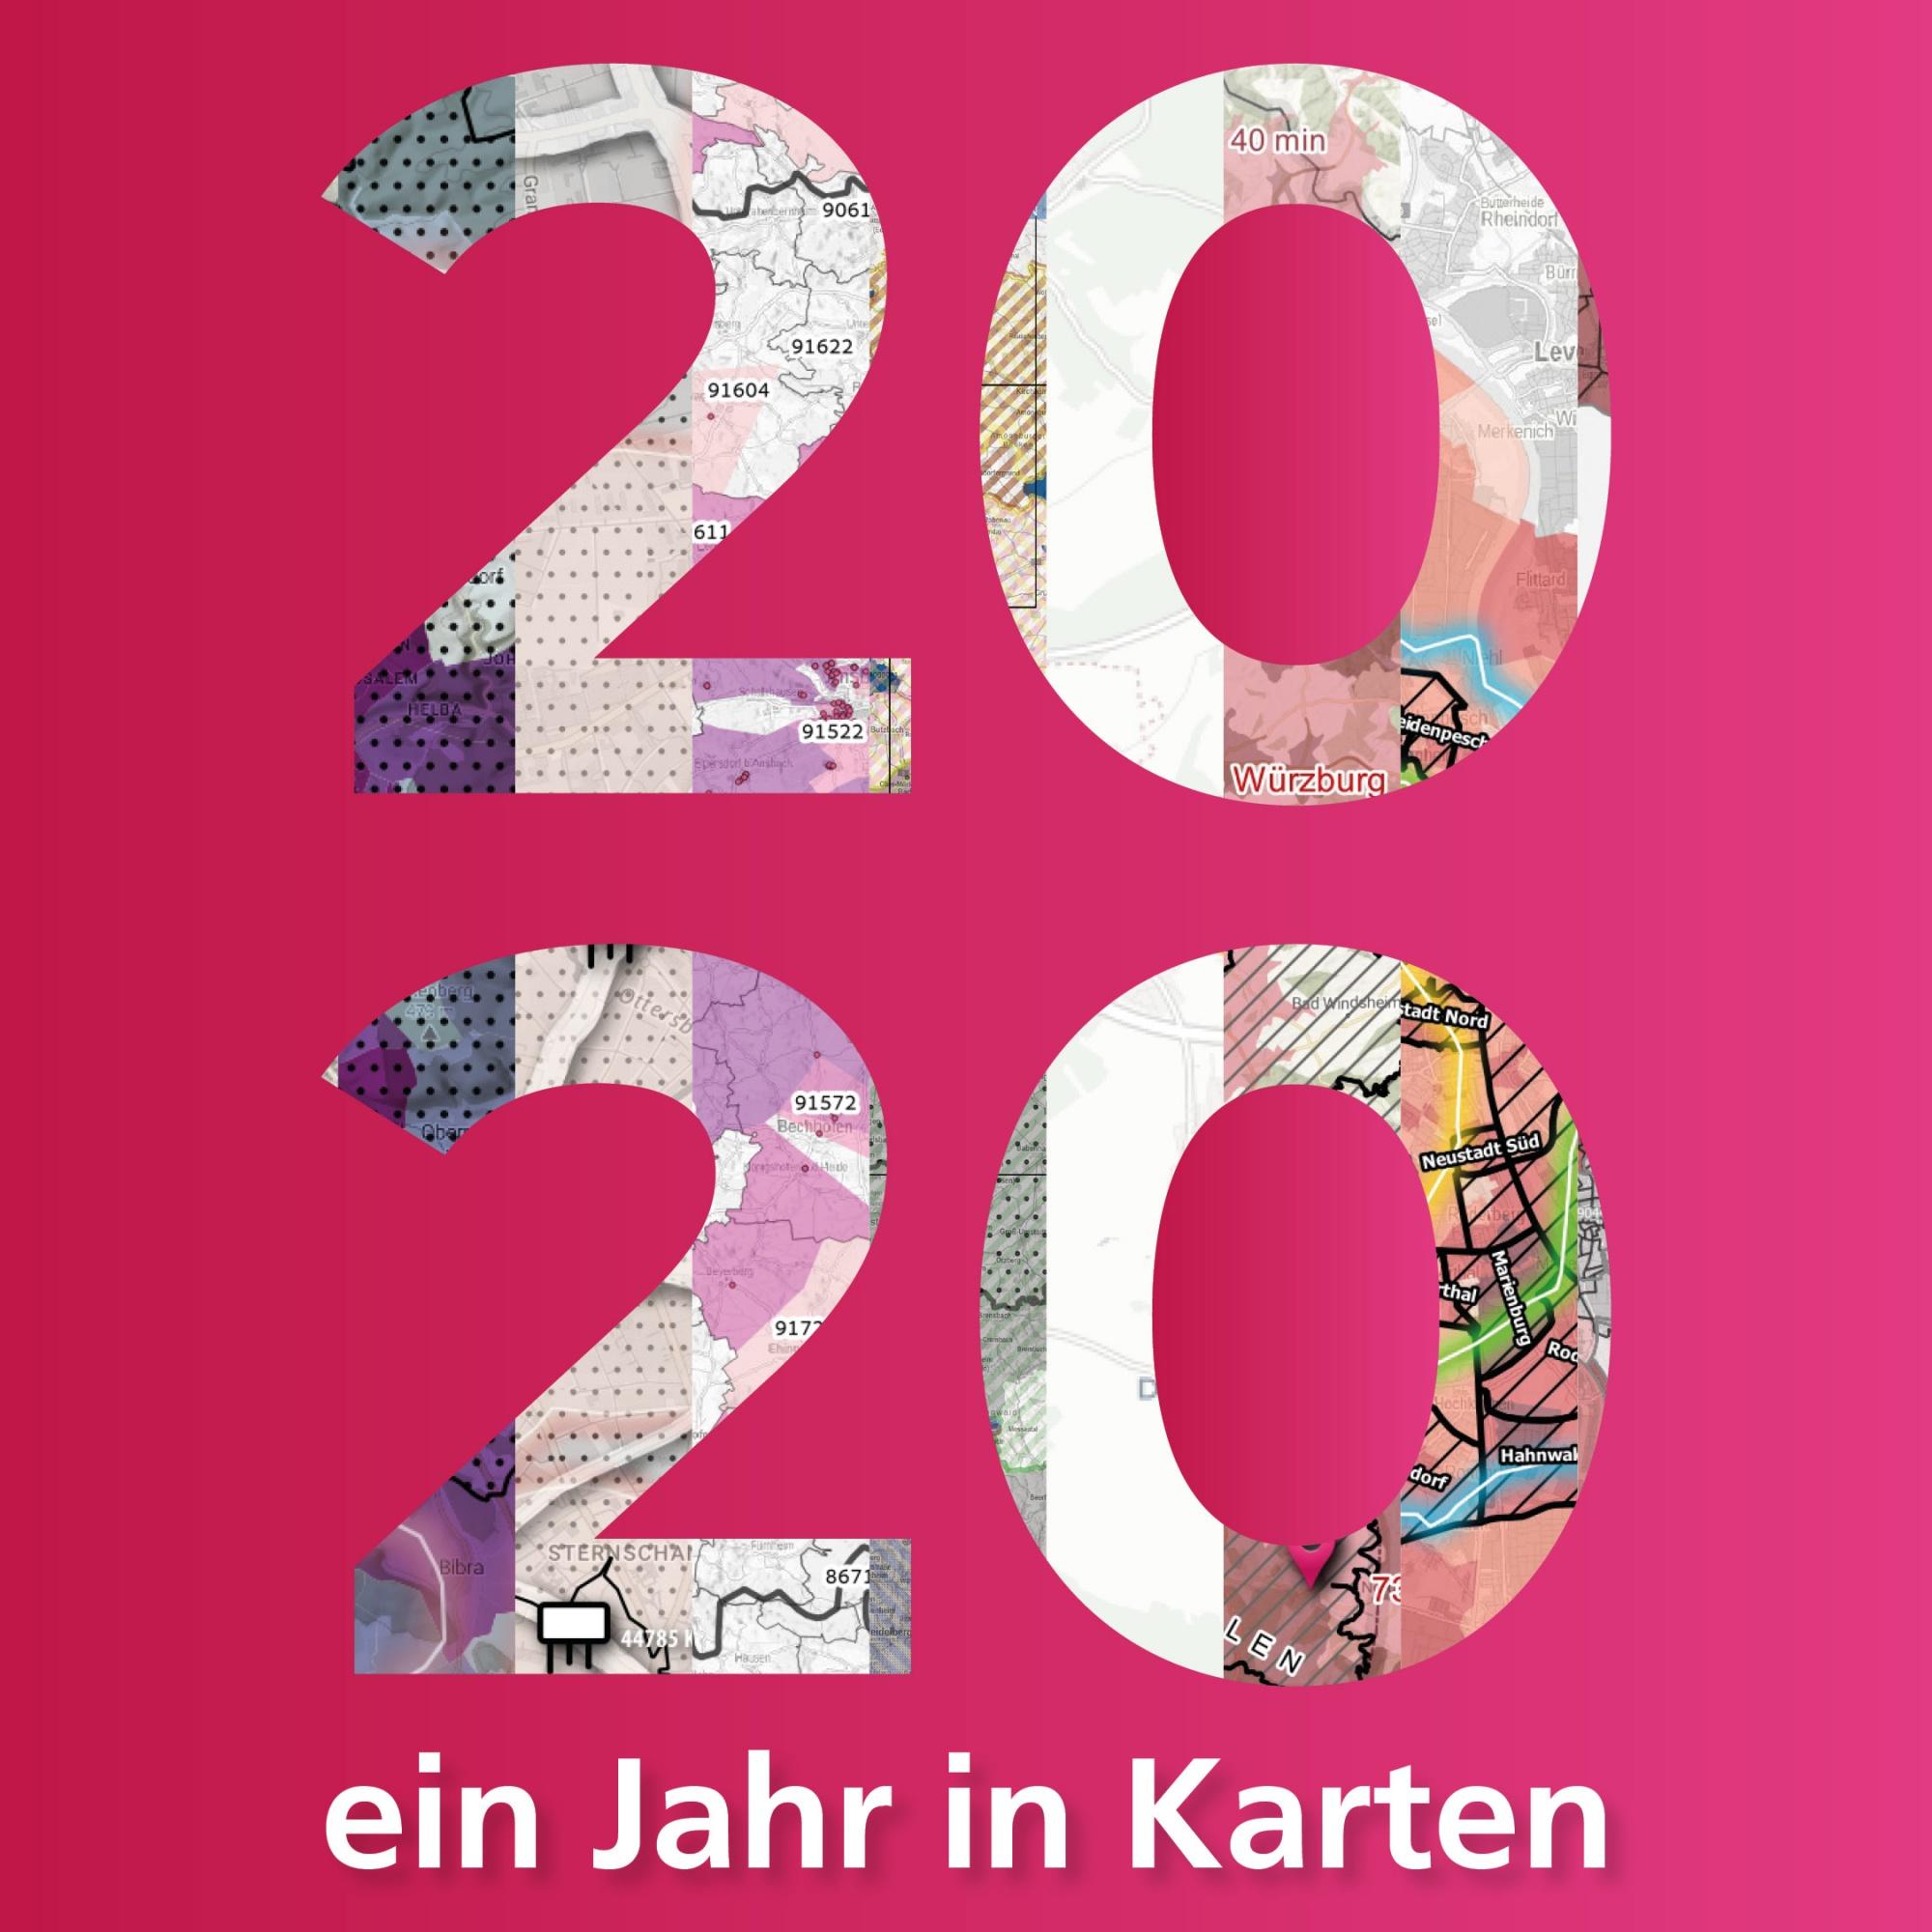 2020 - Ein Jahr in Karten. Rückblick aus der prospega Geomarketingabteilung.